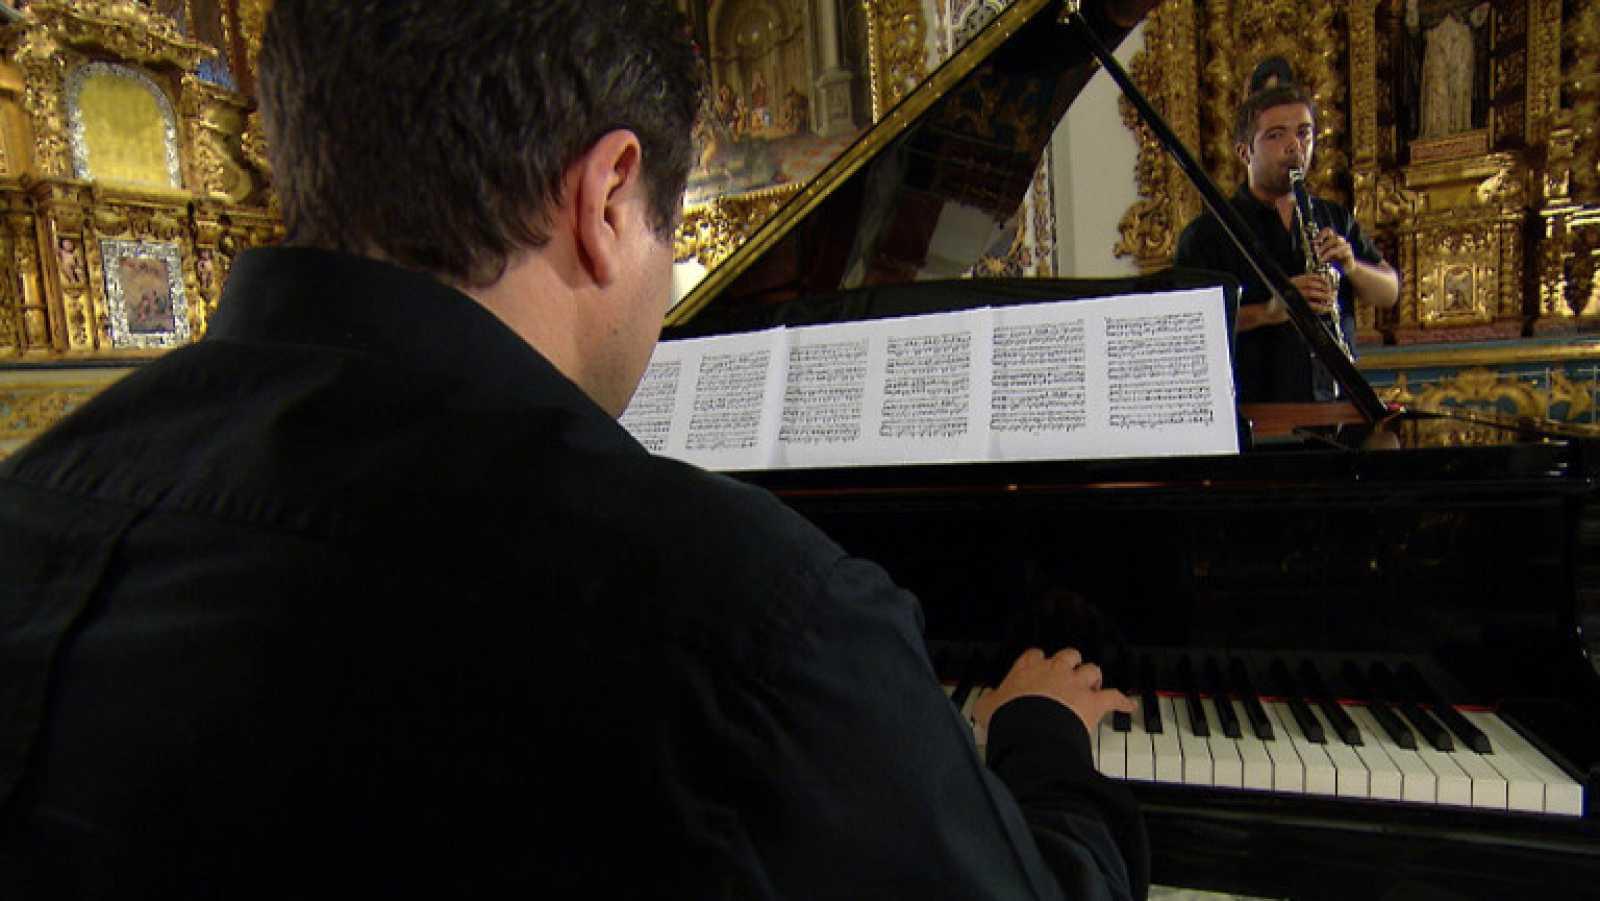 Fundación Baremboin Said, uniendo desde la música - Ver ahora